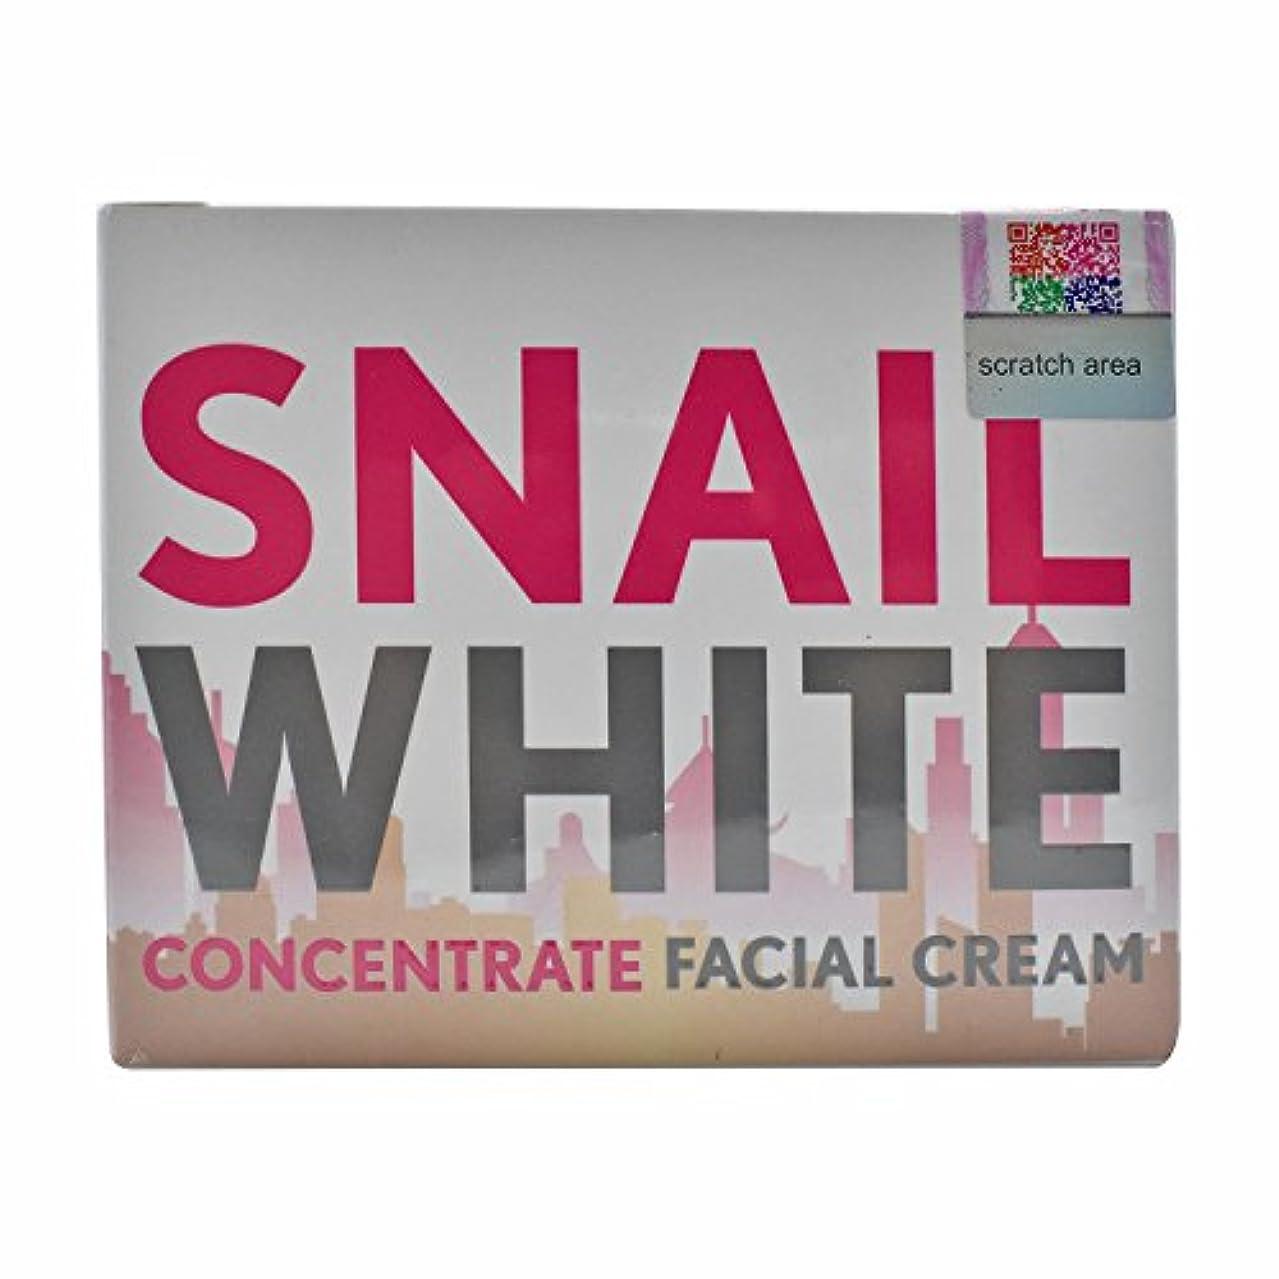 経過残高魅力的であることへのアピールフェイシャルクリーム50 ml。 ホワイトニング NAMU LIFE SNAILWHITE CONCENTRATE FACIAL CREAM 50 ml.